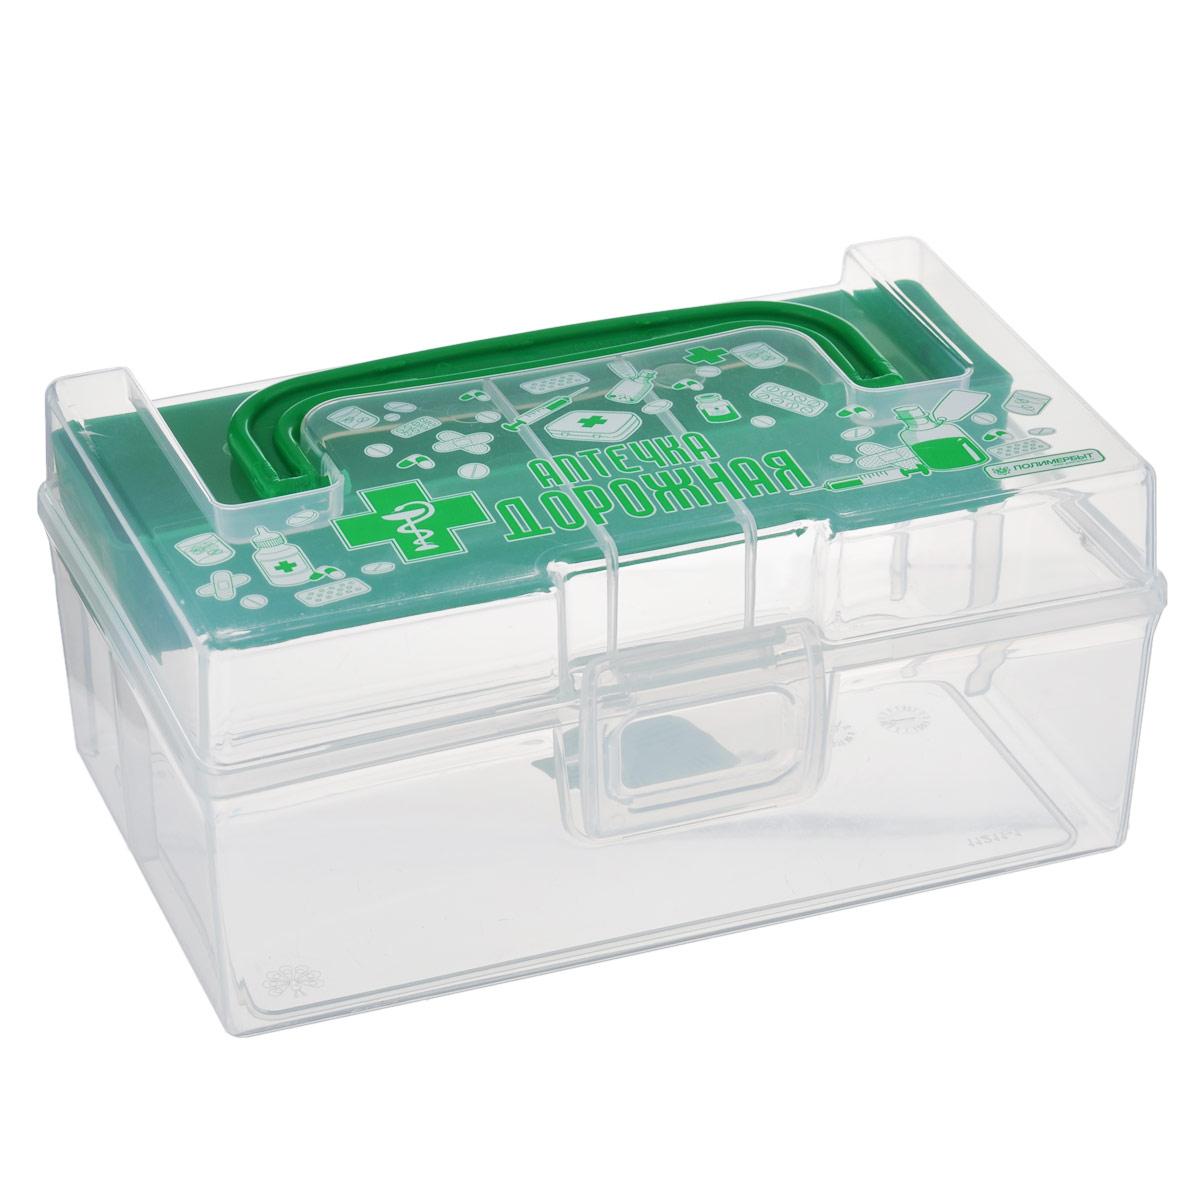 Контейнер для аптечки Полимербыт Аптечка дорожная, с вкладышем, цвет: зеленый, 800 мл19199Контейнер Полимербыт Аптечка дорожная выполнен из прозрачного пластика. Для удобства переноски сверху имеется ручка. Внутрь вставляется цветной вкладыш с одним отделением. Контейнер плотно закрывается крышкой с защелками. Контейнер для аптечки Полимербыт Аптечка дорожная очень вместителен и поможет вам хранить все лекарства в одном месте.Размер вкладыша: 16 см х 4 см х 2 см.